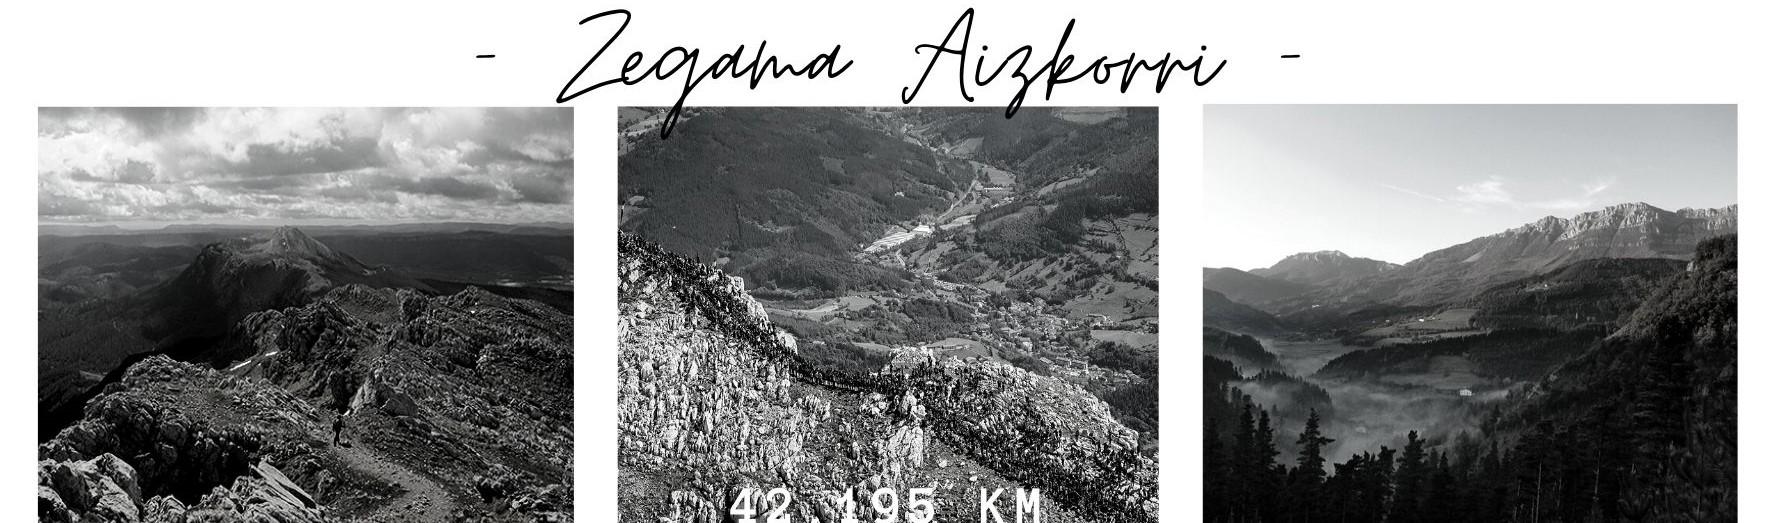 zegama aizkorri trail running